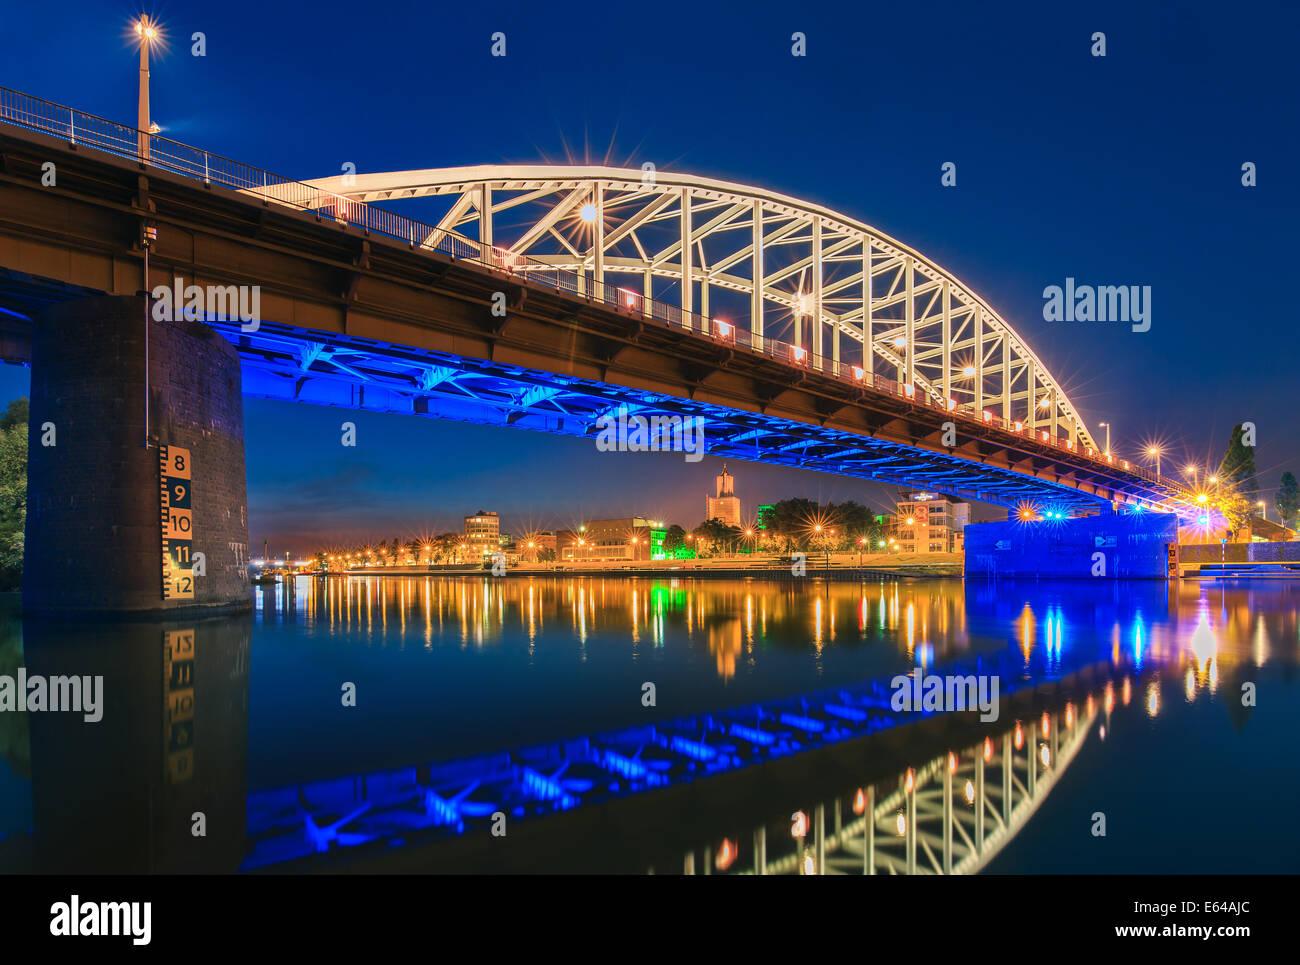 John John Frostbrug Frost Bridge (en holandés) es la carretera puente sobre el Bajo Rhin en Arnhem, en los Países Bajos. Foto de stock